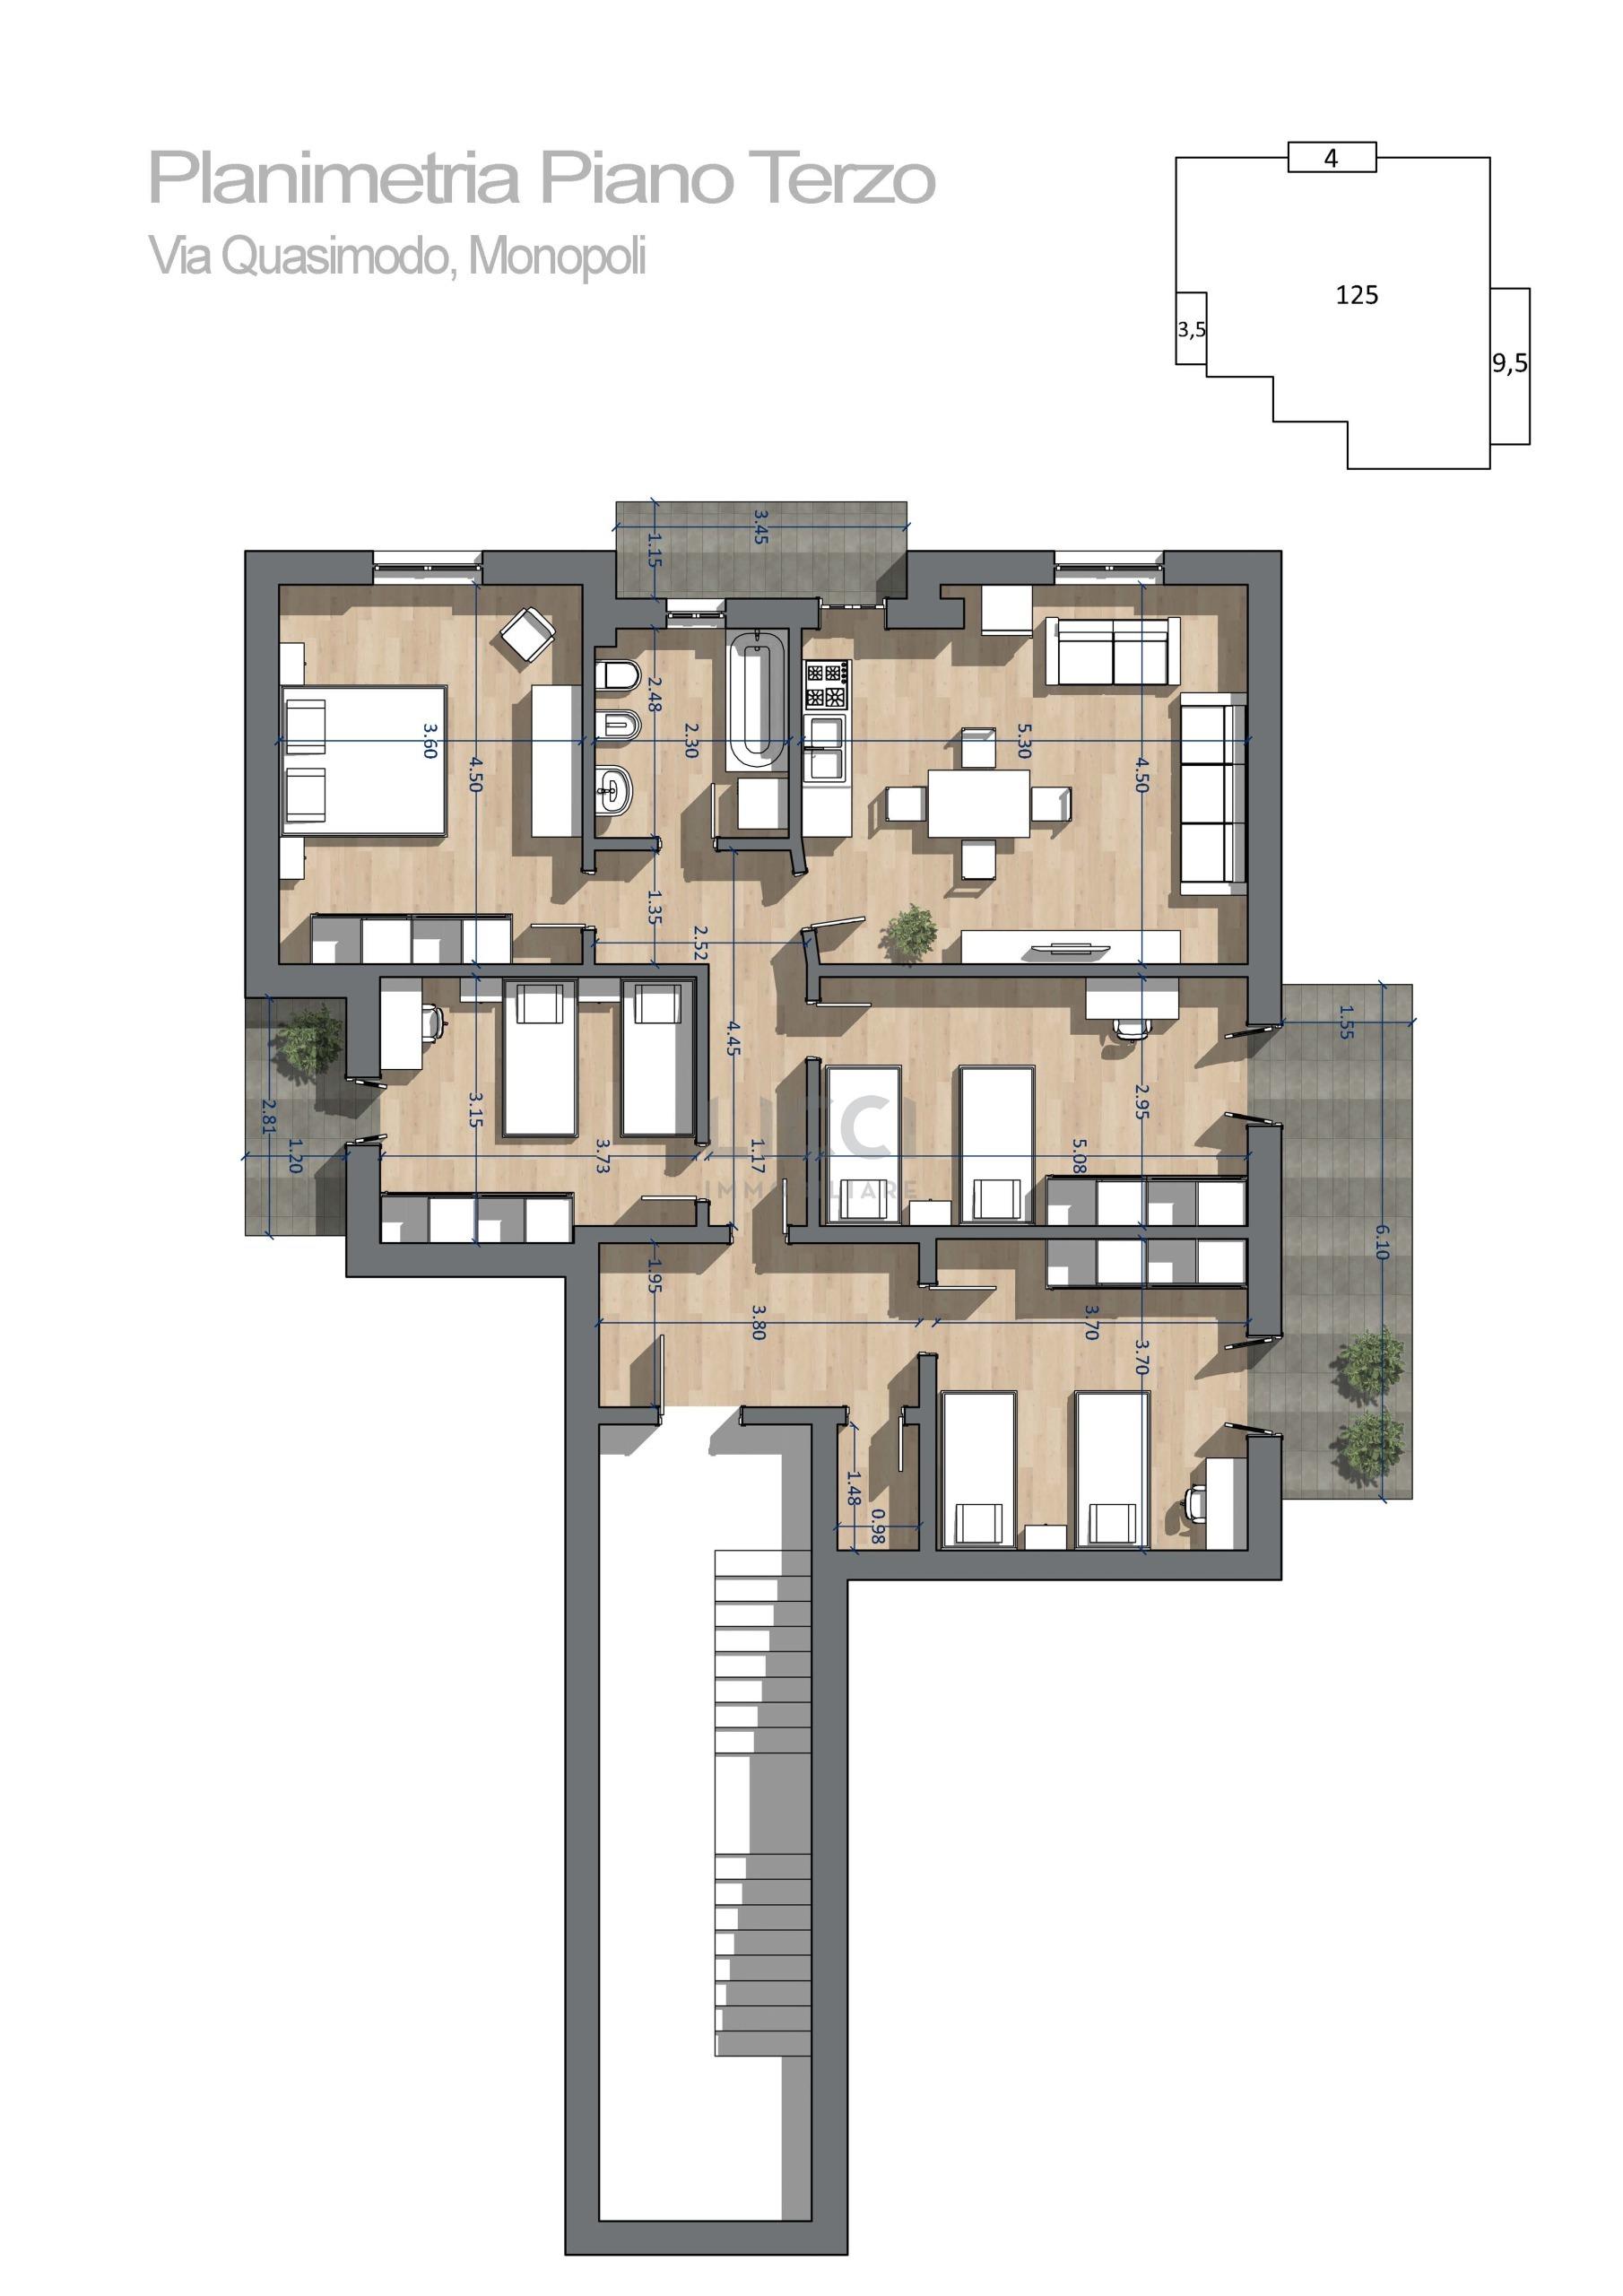 Appartamento a Monopoli Via Salvatore Quasimodo 14, Zona Sud